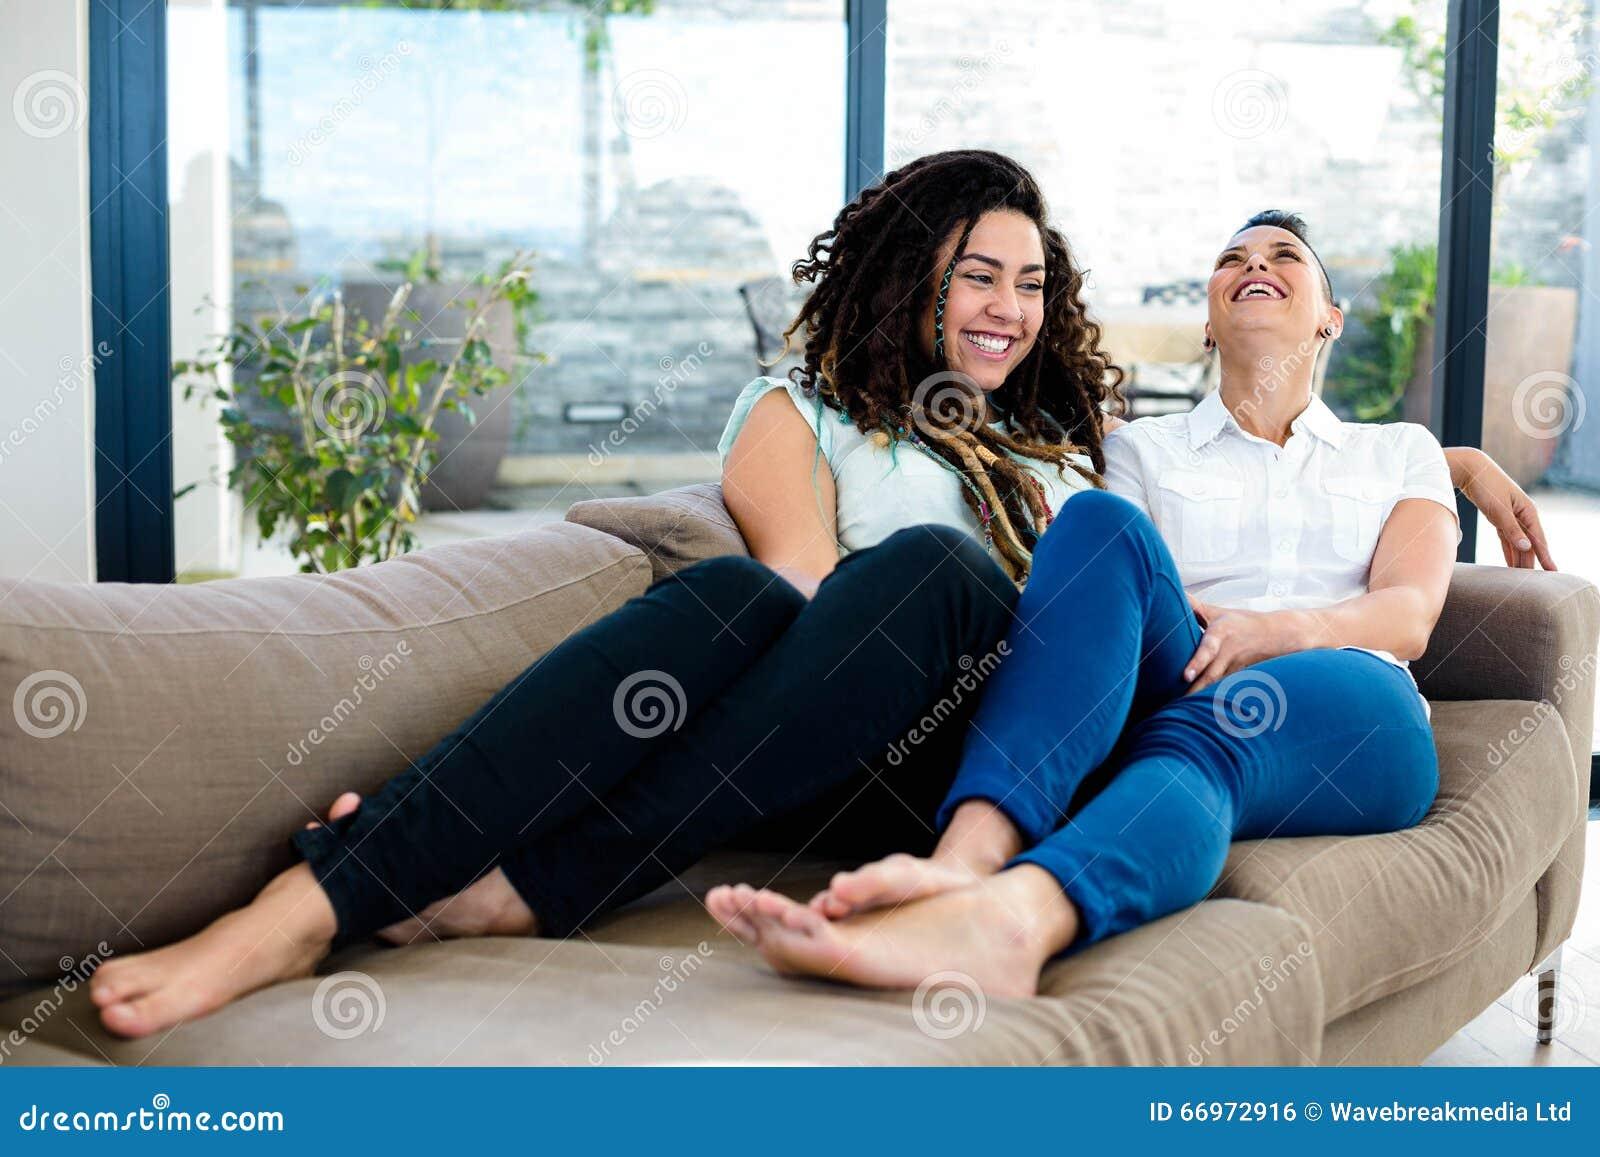 女同性恋的夫妇互相微笑和谈话在客厅.